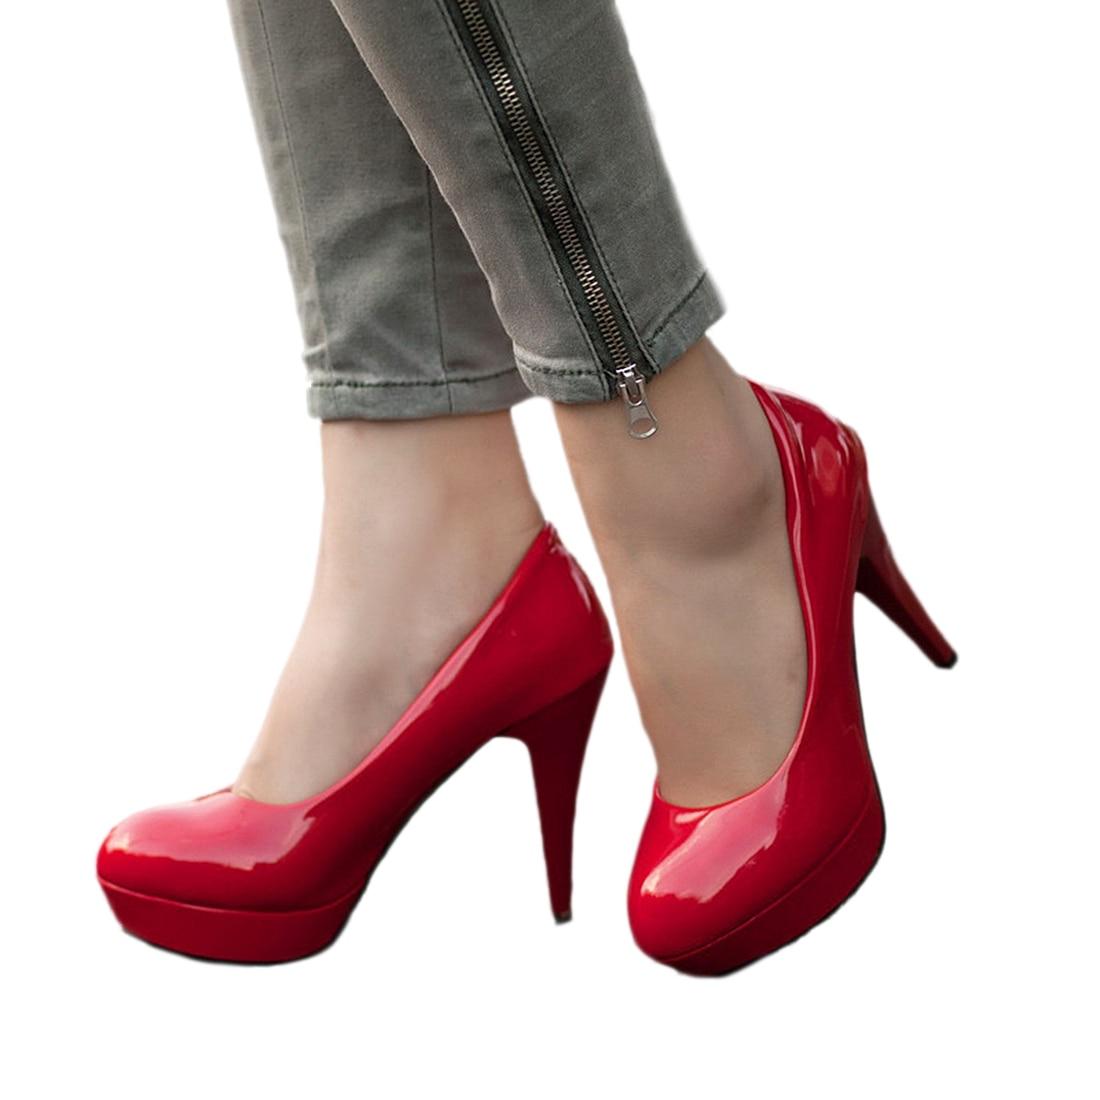 ABDB Classic Sexy Round Toe Platform Low Heels Women Wedding Pumps Shoes Suede недорго, оригинальная цена